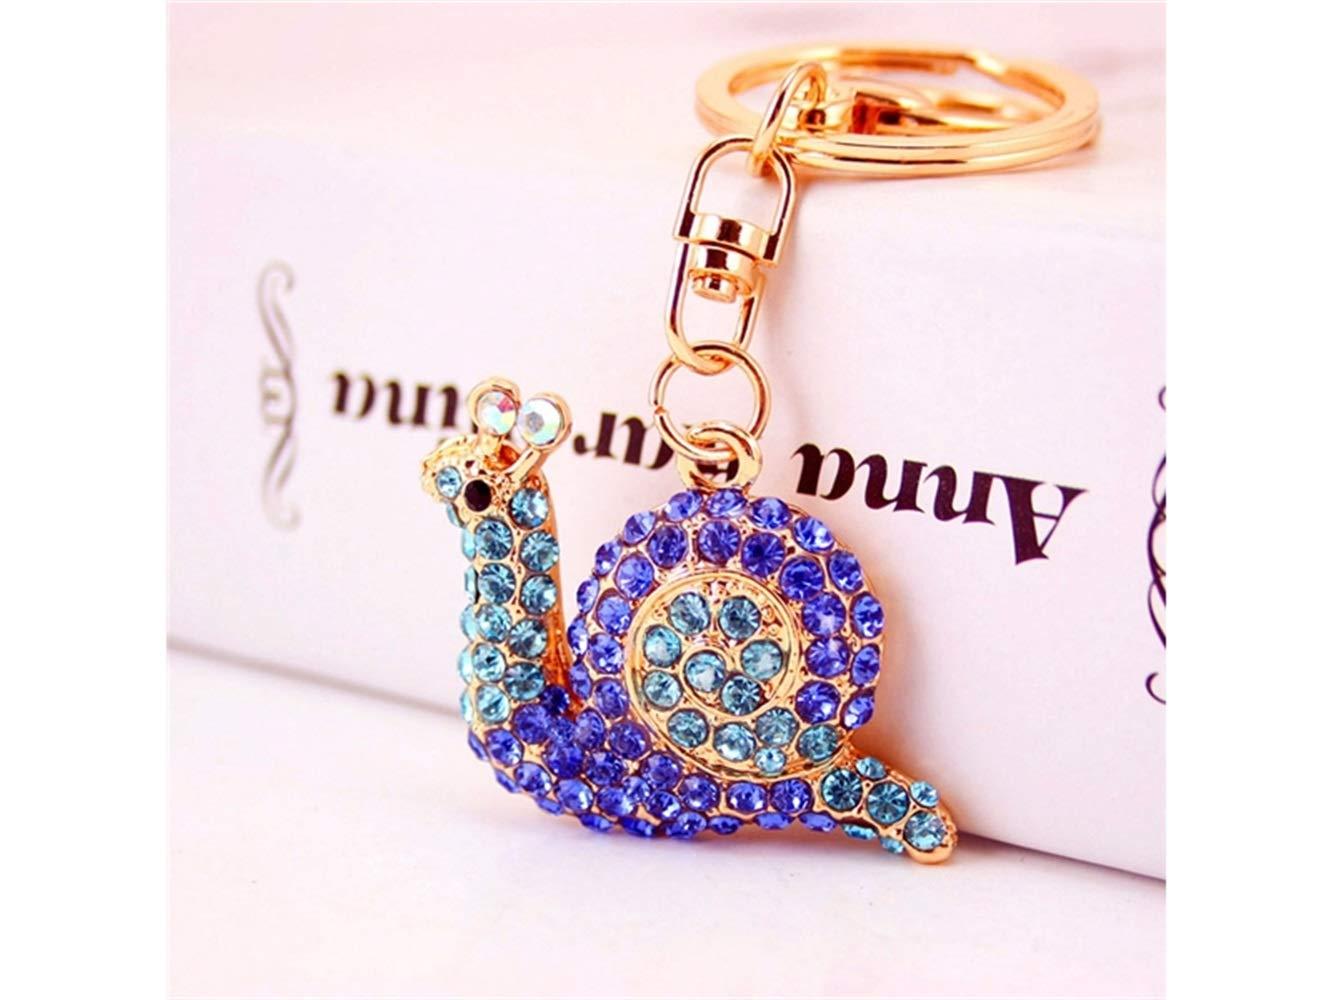 Car Keychain, Cute Small Snail Keychain Animal Key Trinket Car Bag Key Holder Decorations(Blue) for Gift